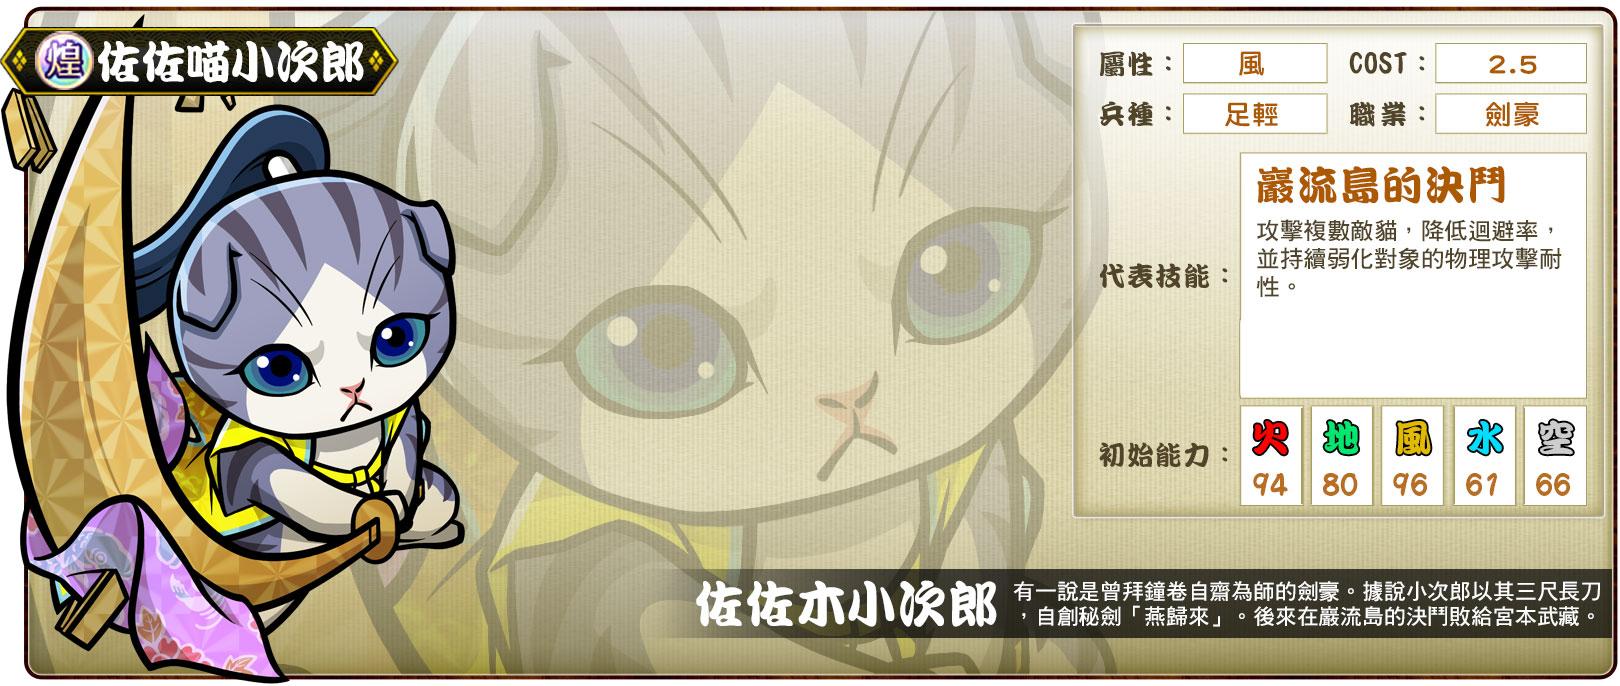 ▲煌卡「佐佐喵小次郎」代表技能「巌流島的決鬥」